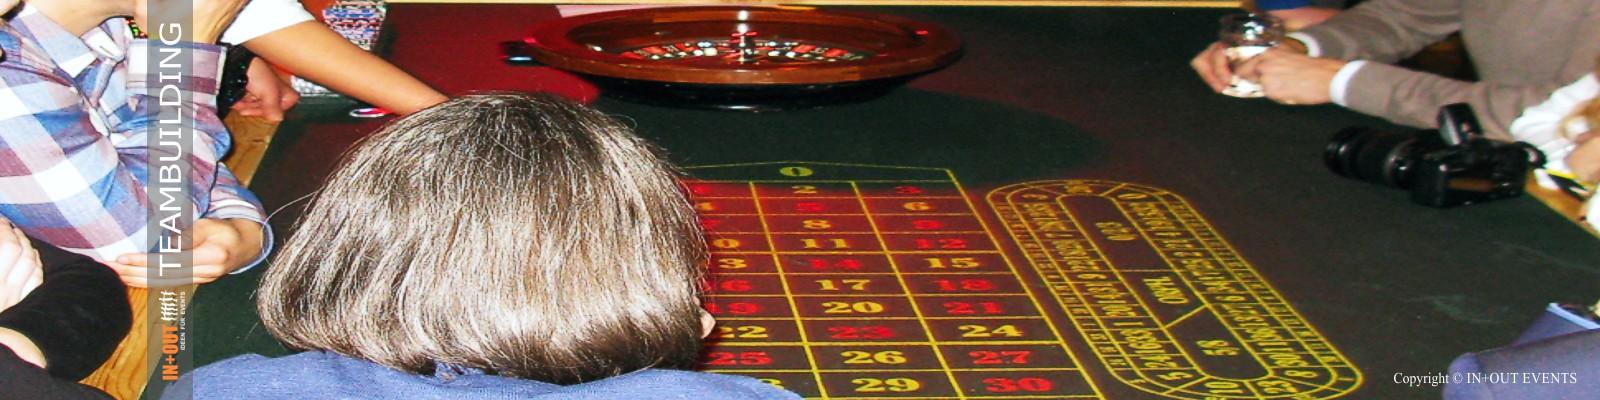 Casino Event mit Roulette